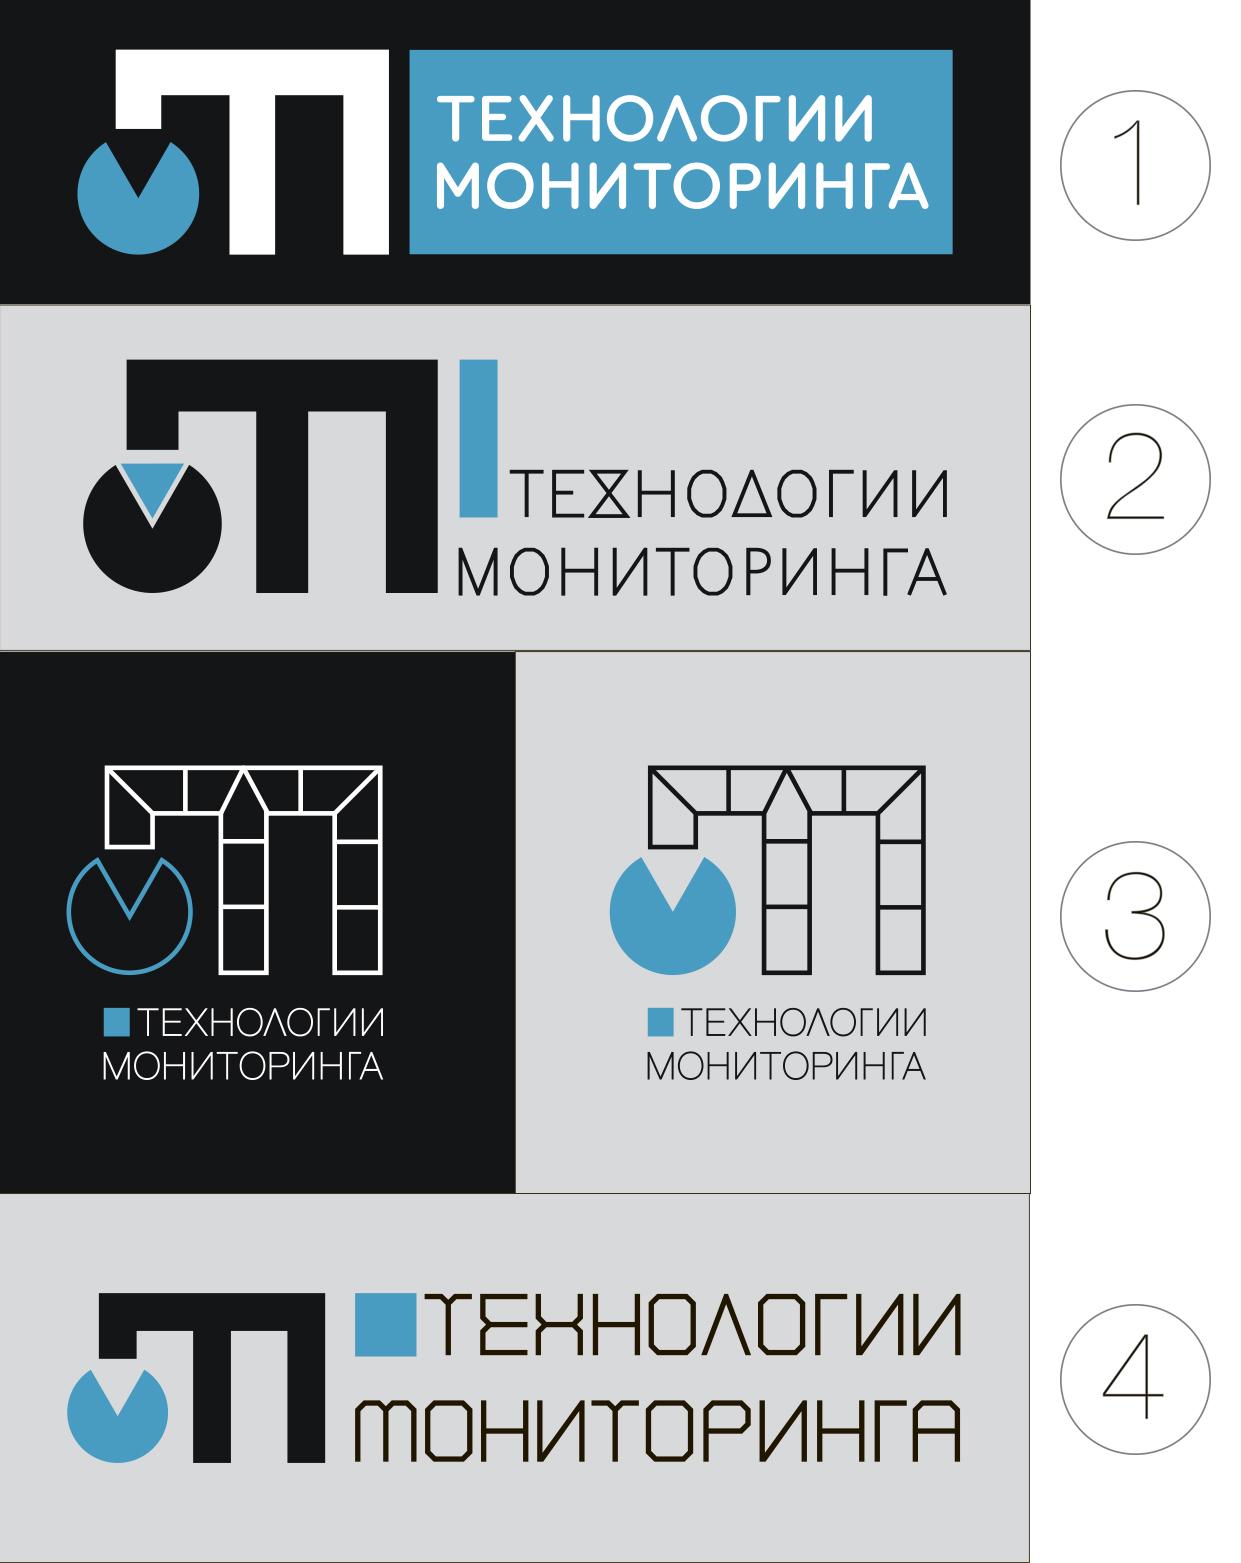 Разработка логотипа фото f_573596d1cd04d8c4.jpg